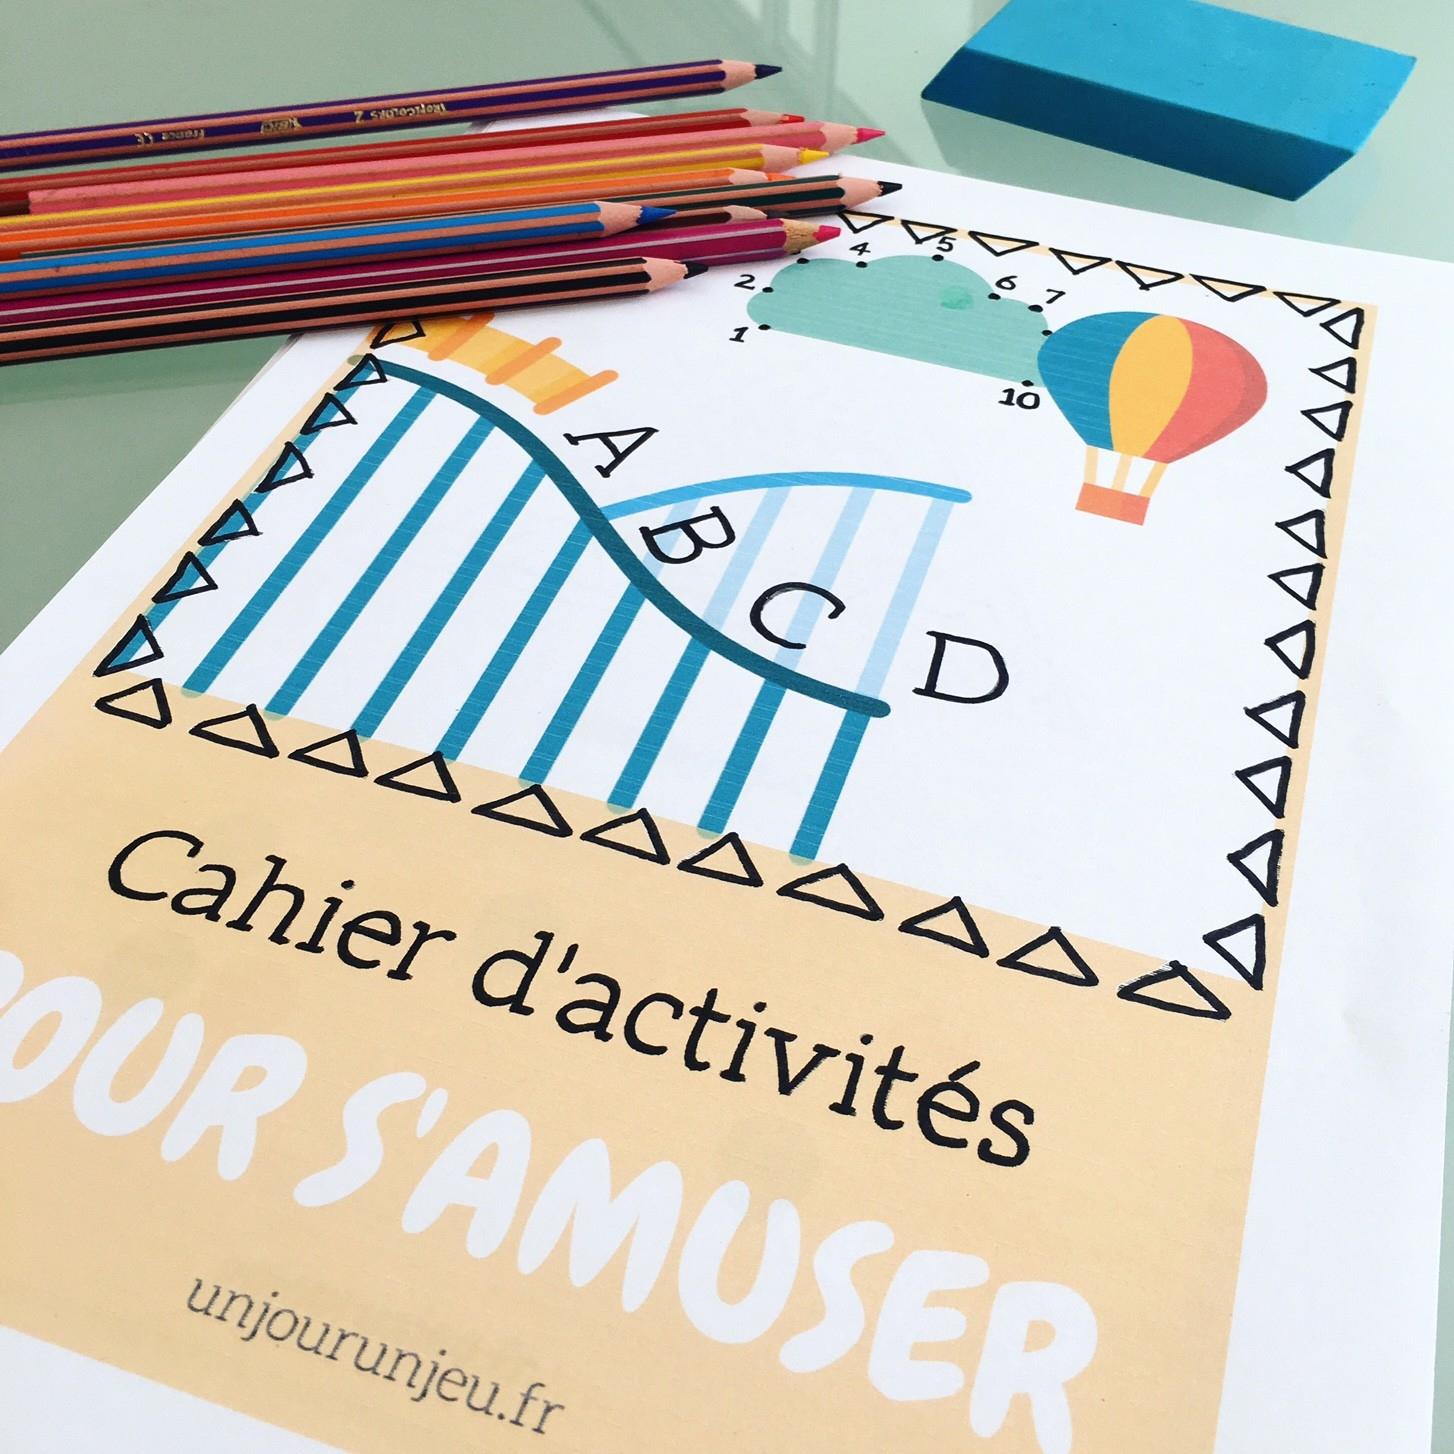 Cahier D'activités Enfants Pour Les Vacances À Imprimer concernant Cahier De Vacances À Télécharger Gratuitement